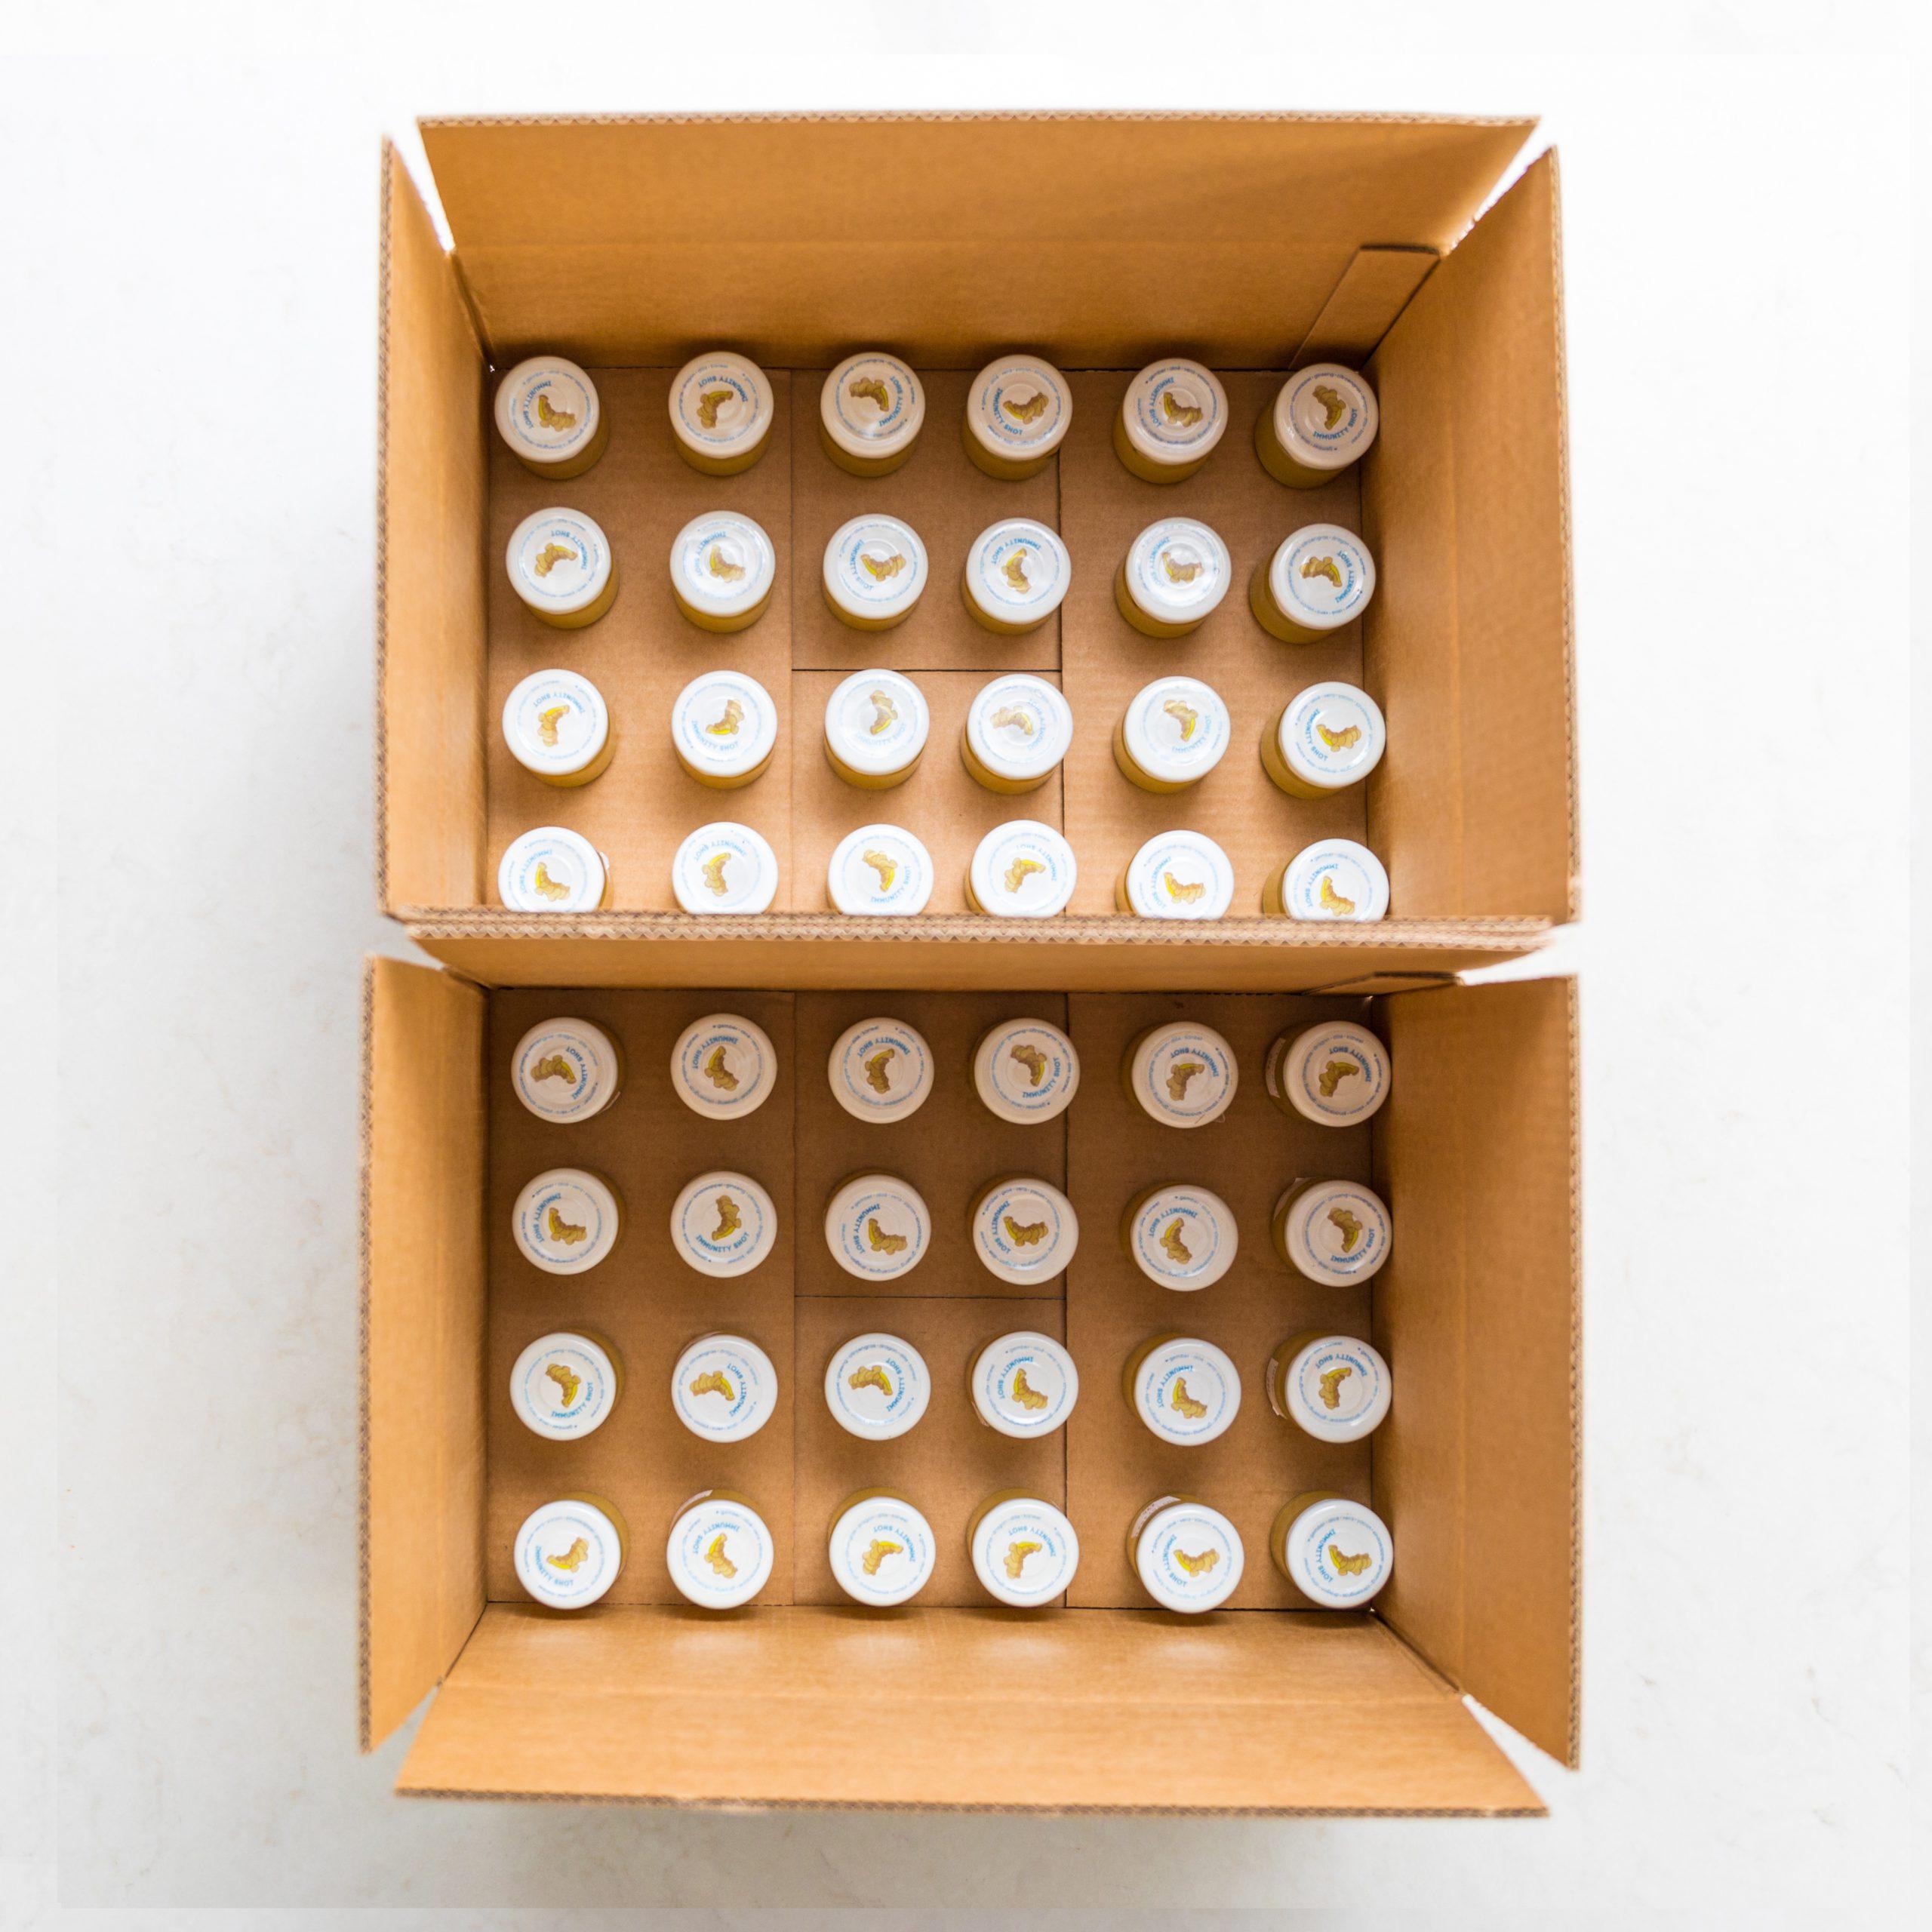 Gembershot box